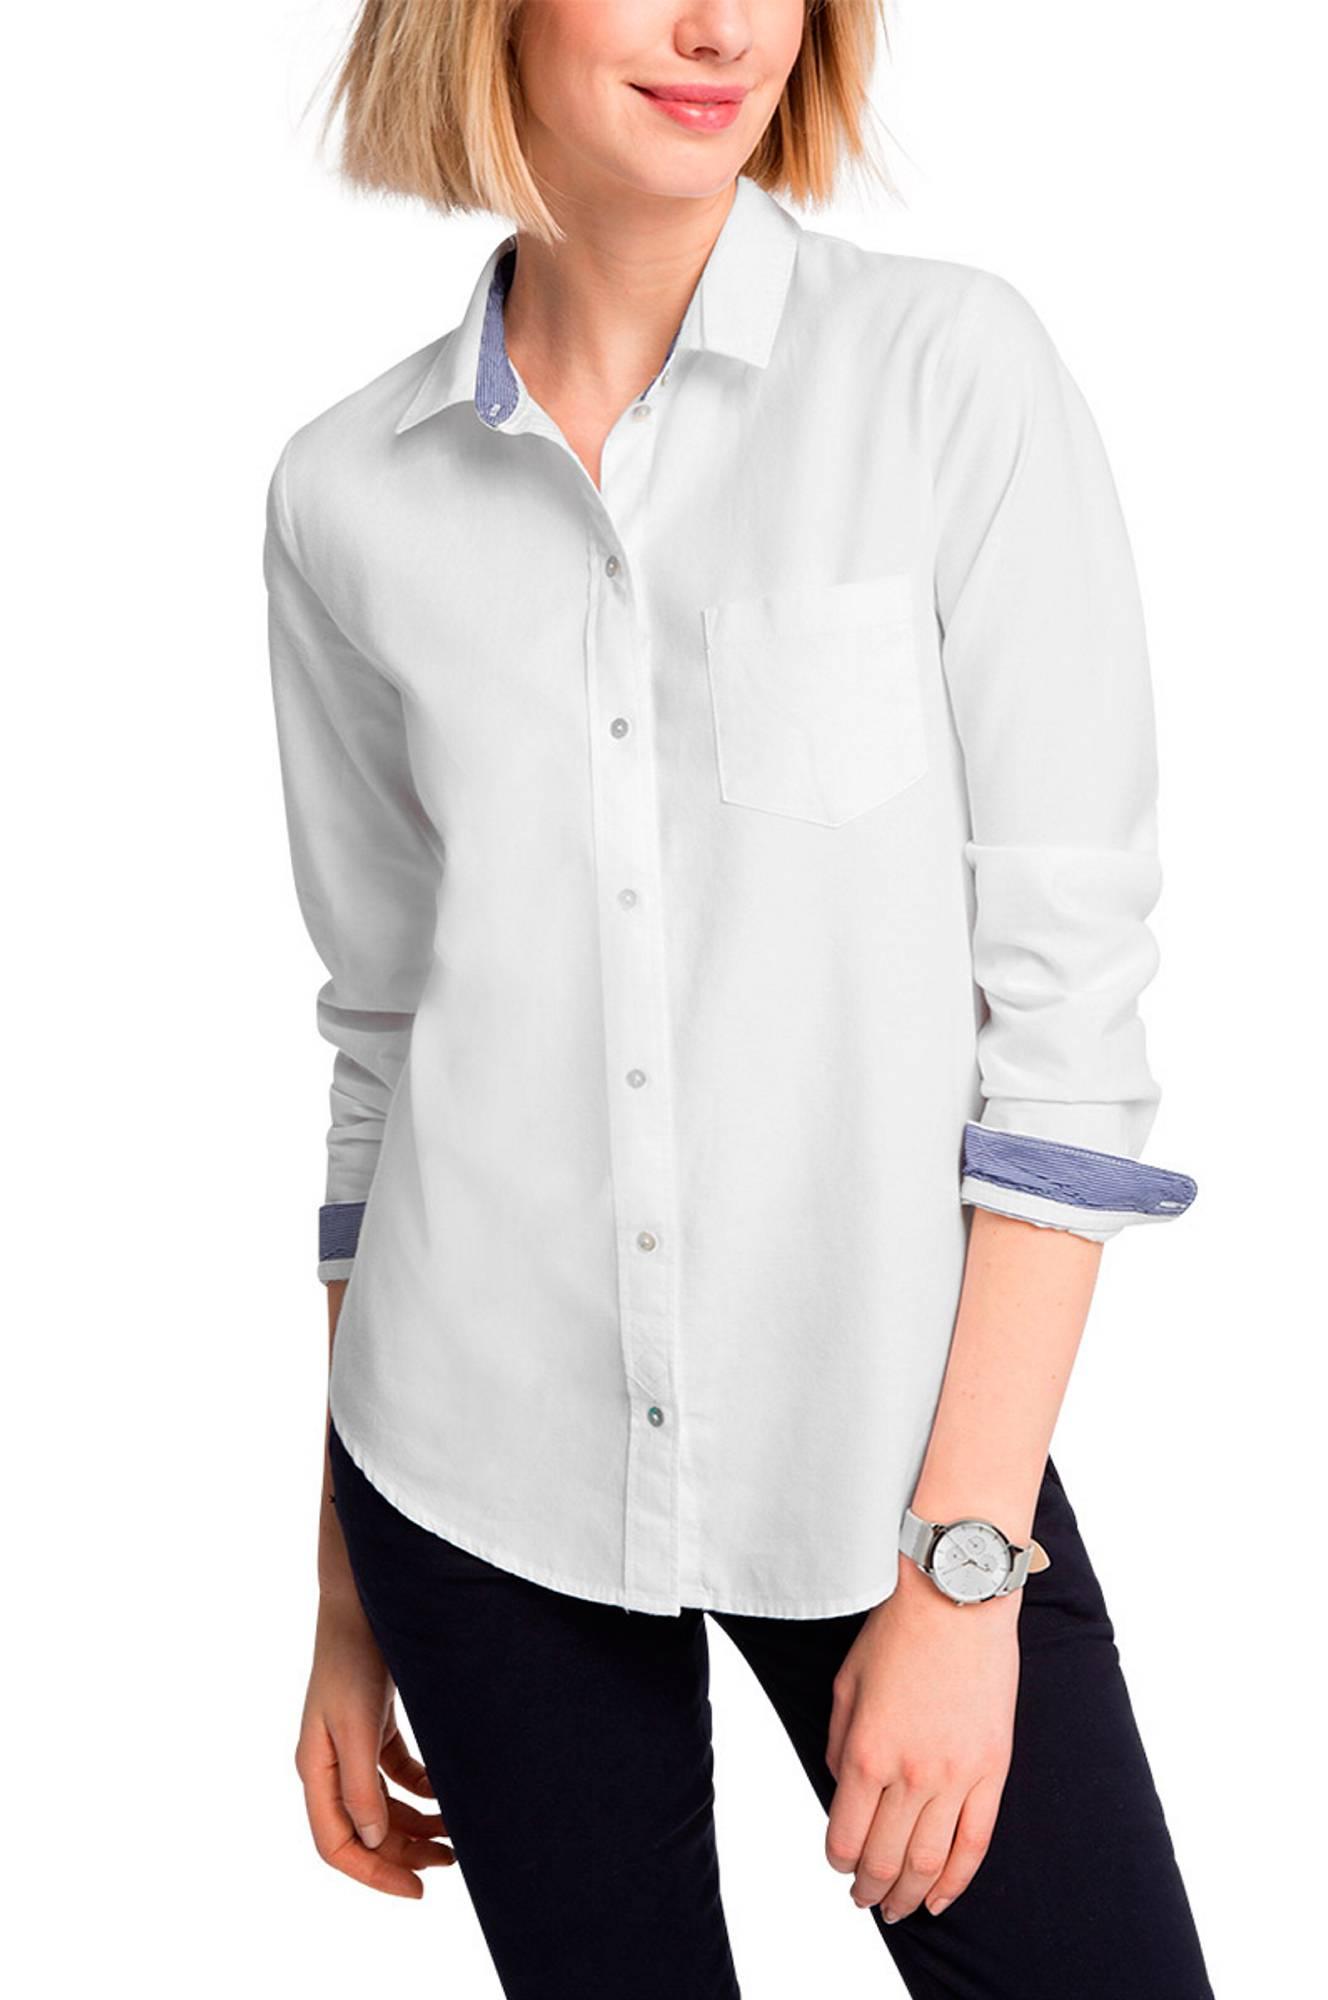 8739eefb42c Skjortebluse med stribede detaljer Esprit Skjorter & bluser til Kvinder i  Hvid